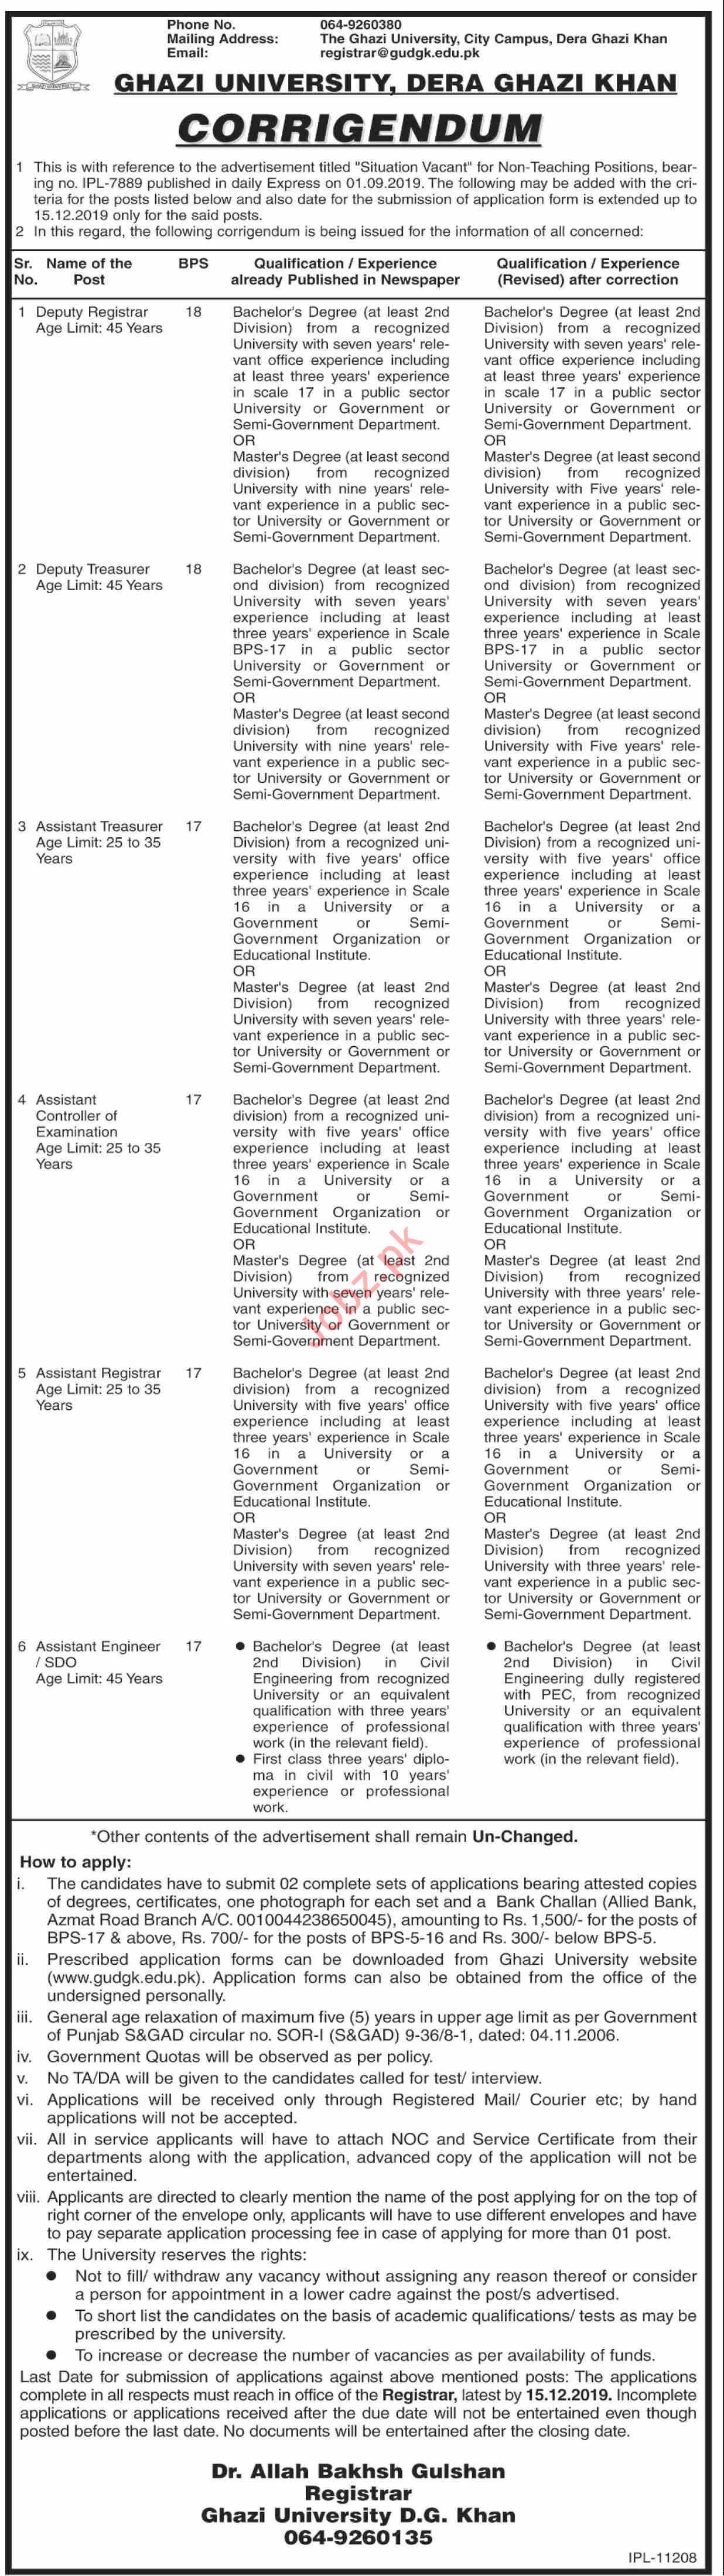 Ghazi University DG Khan Jobs 2019 for Registrar & Engineer